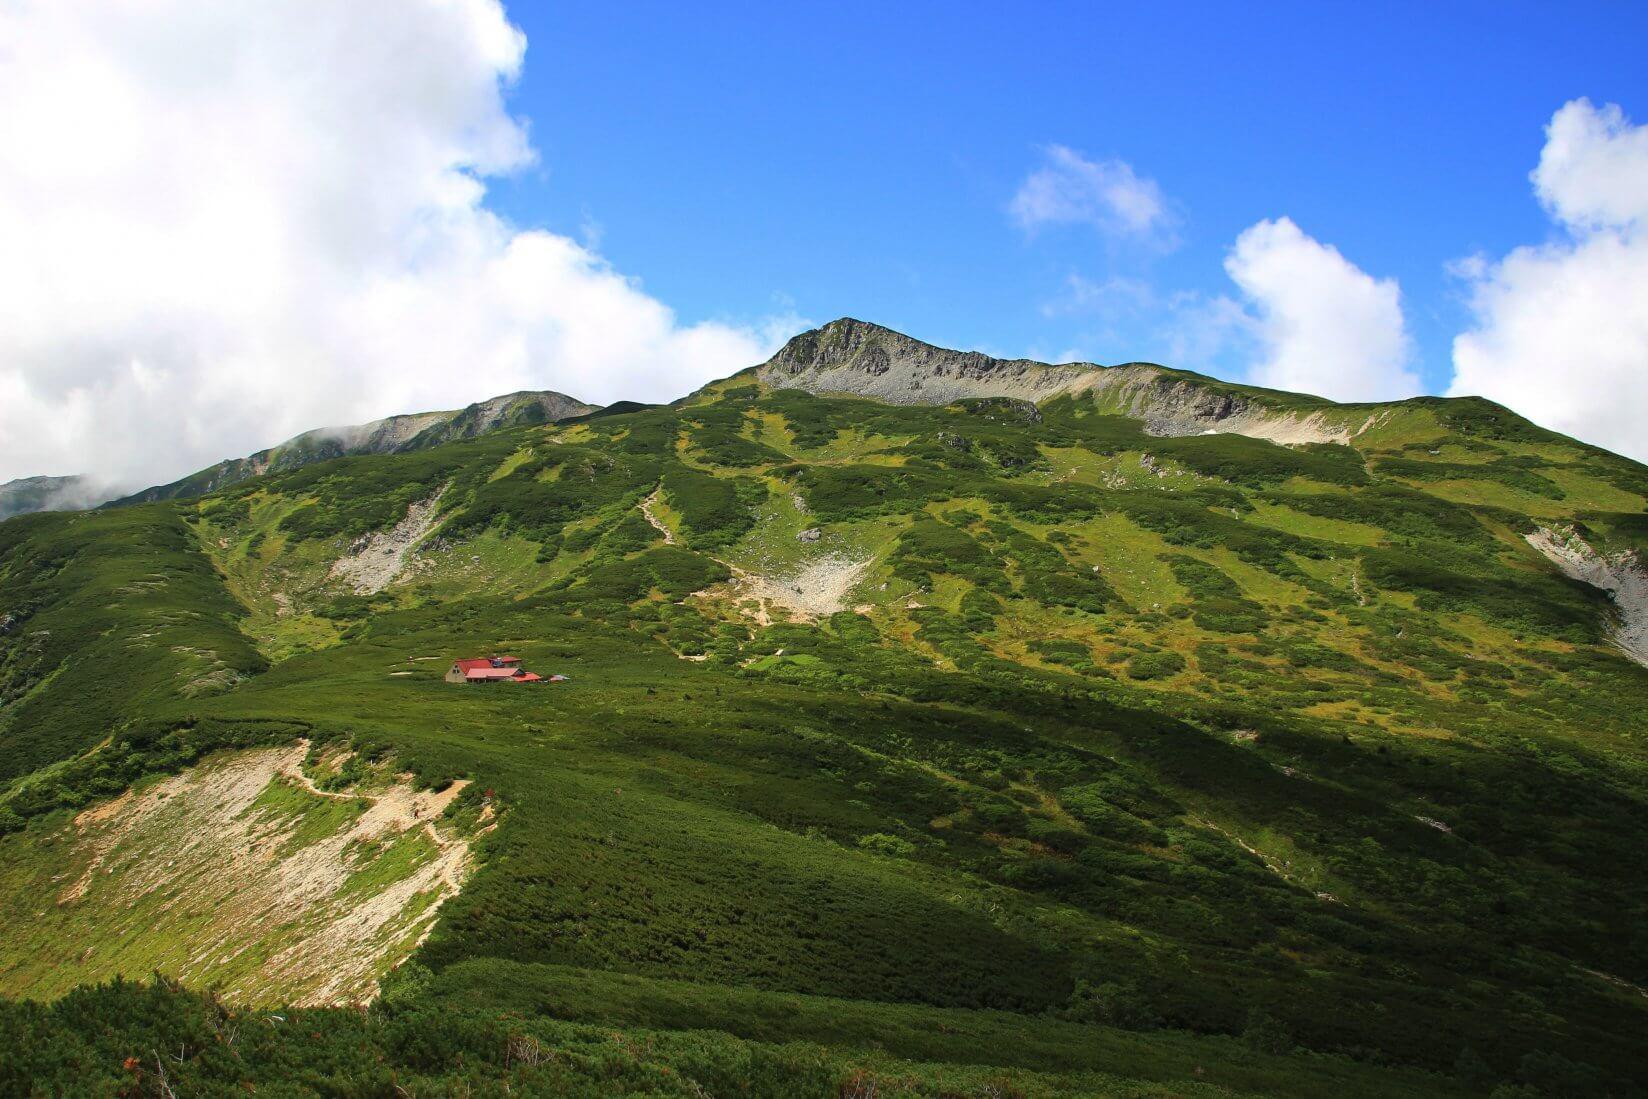 鷲羽岳より三俣山荘